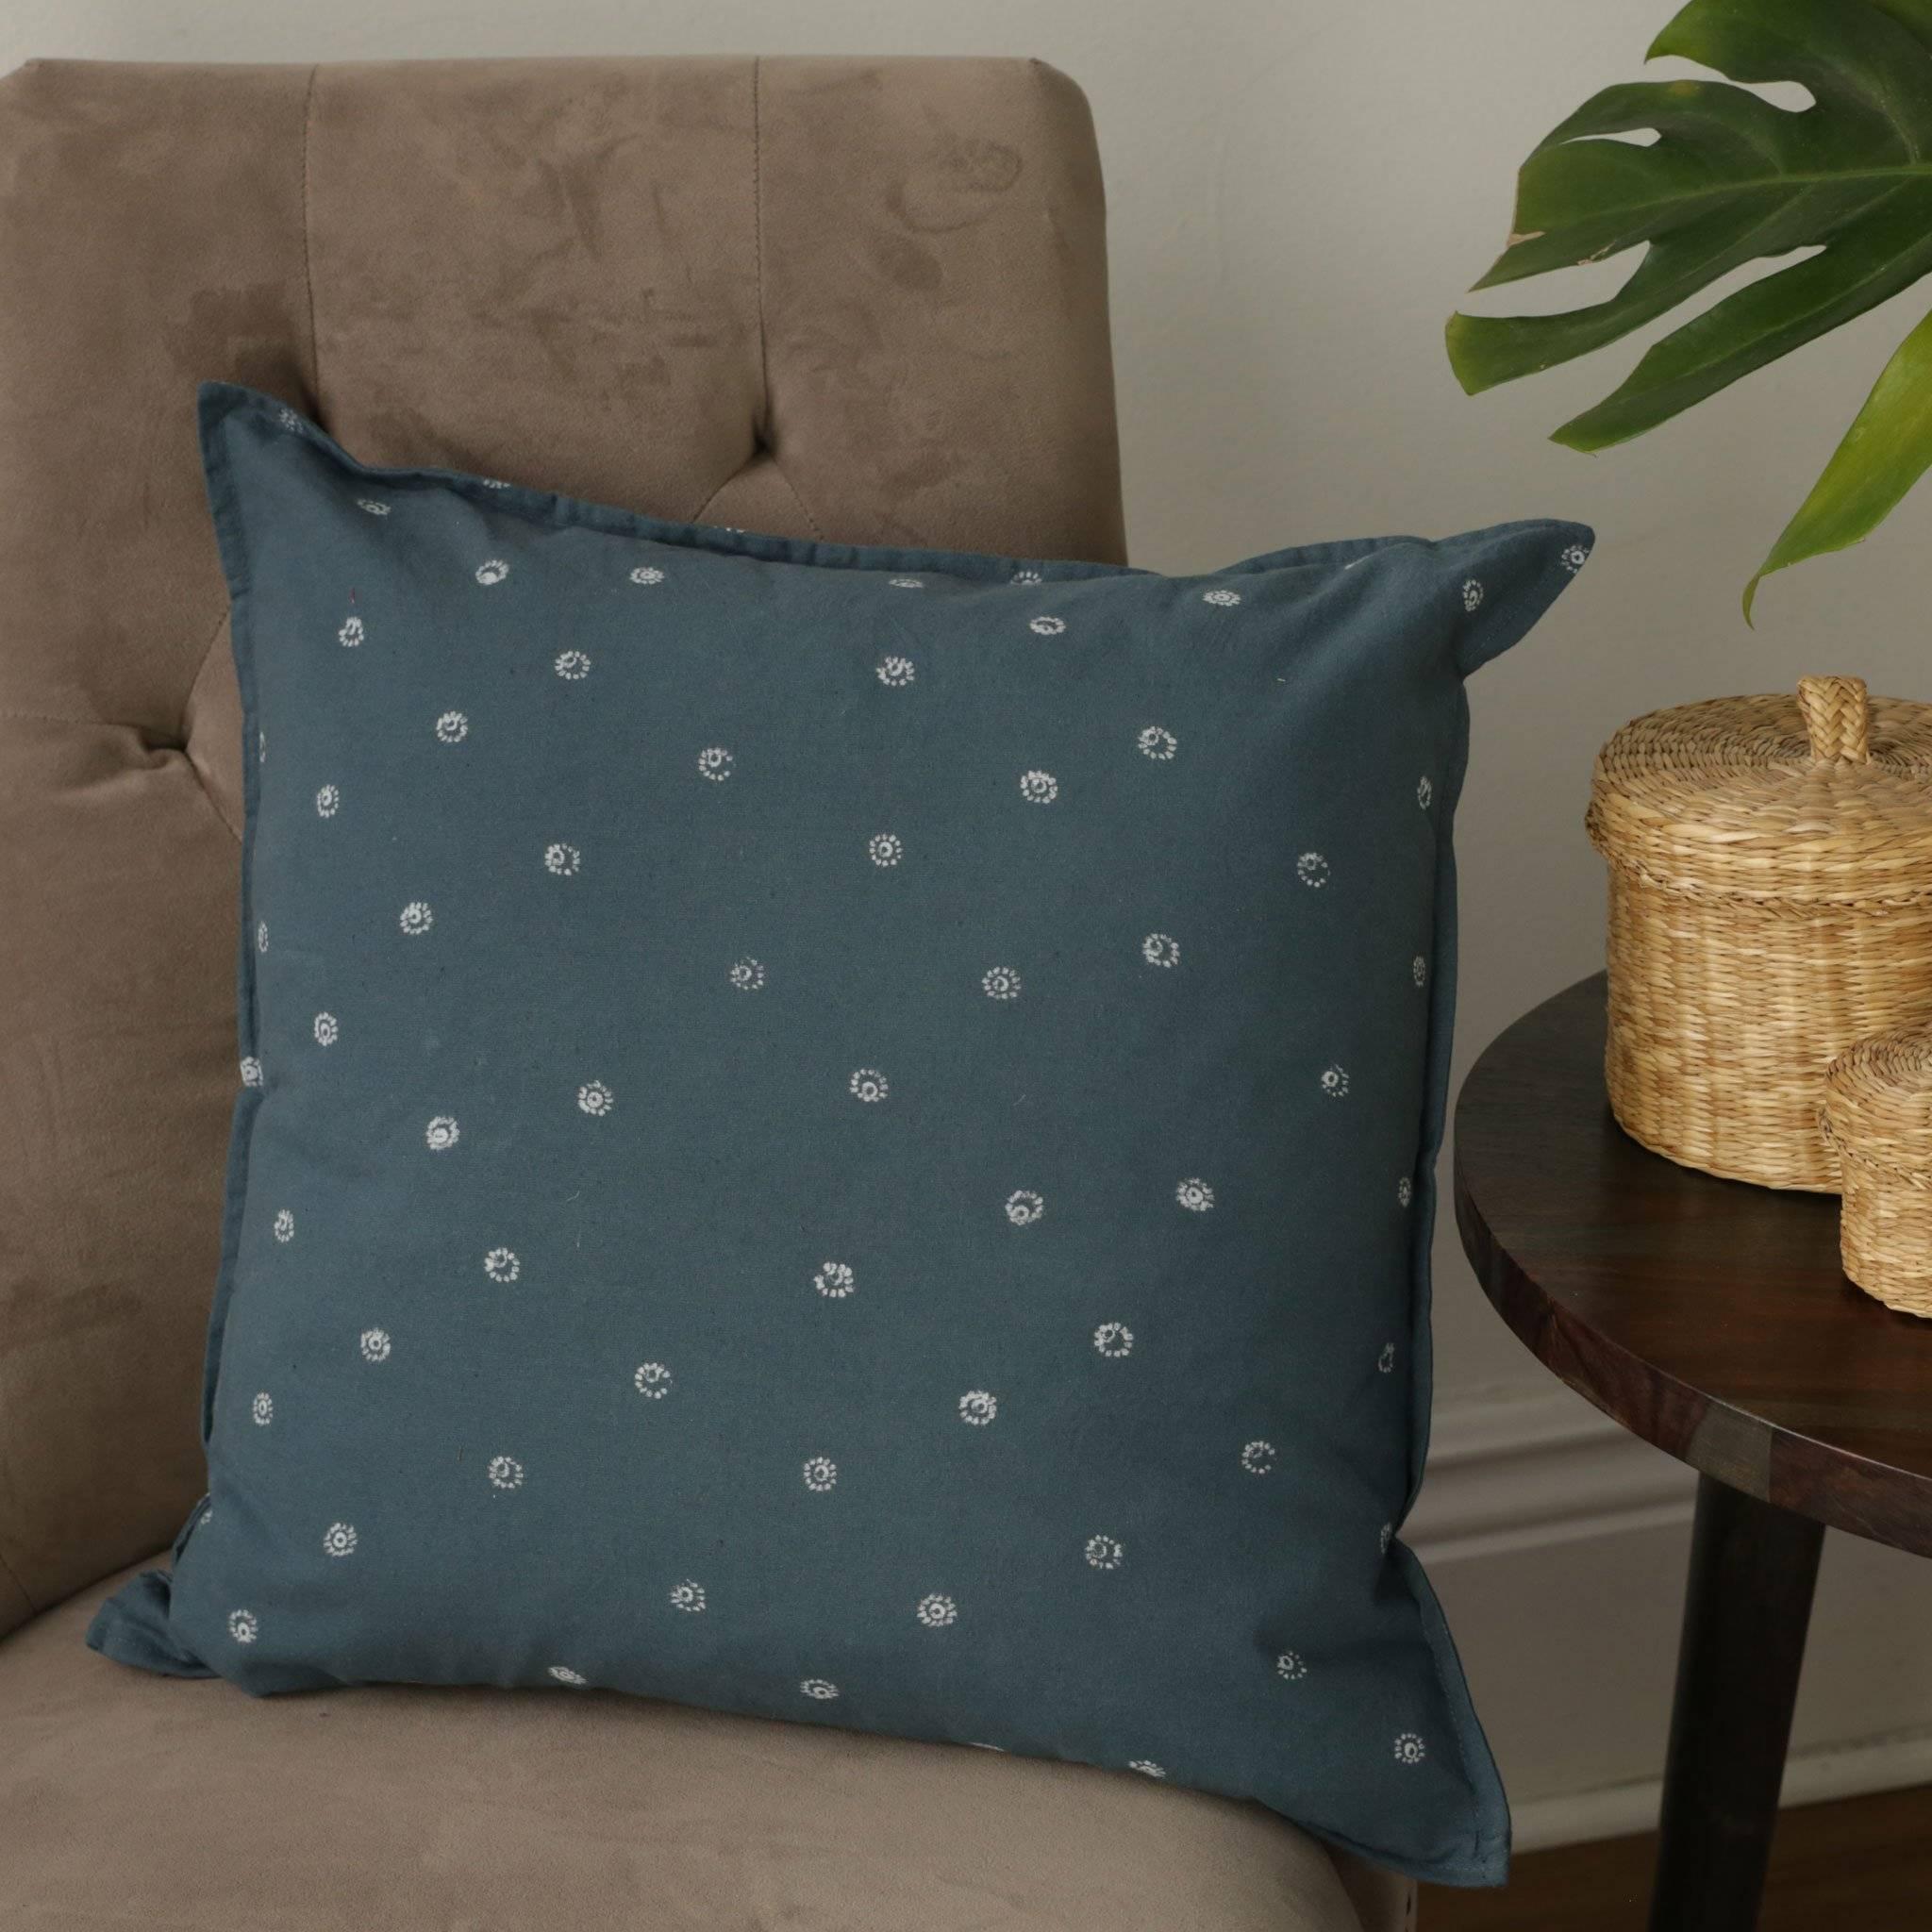 mali sea throw pillow 2048x